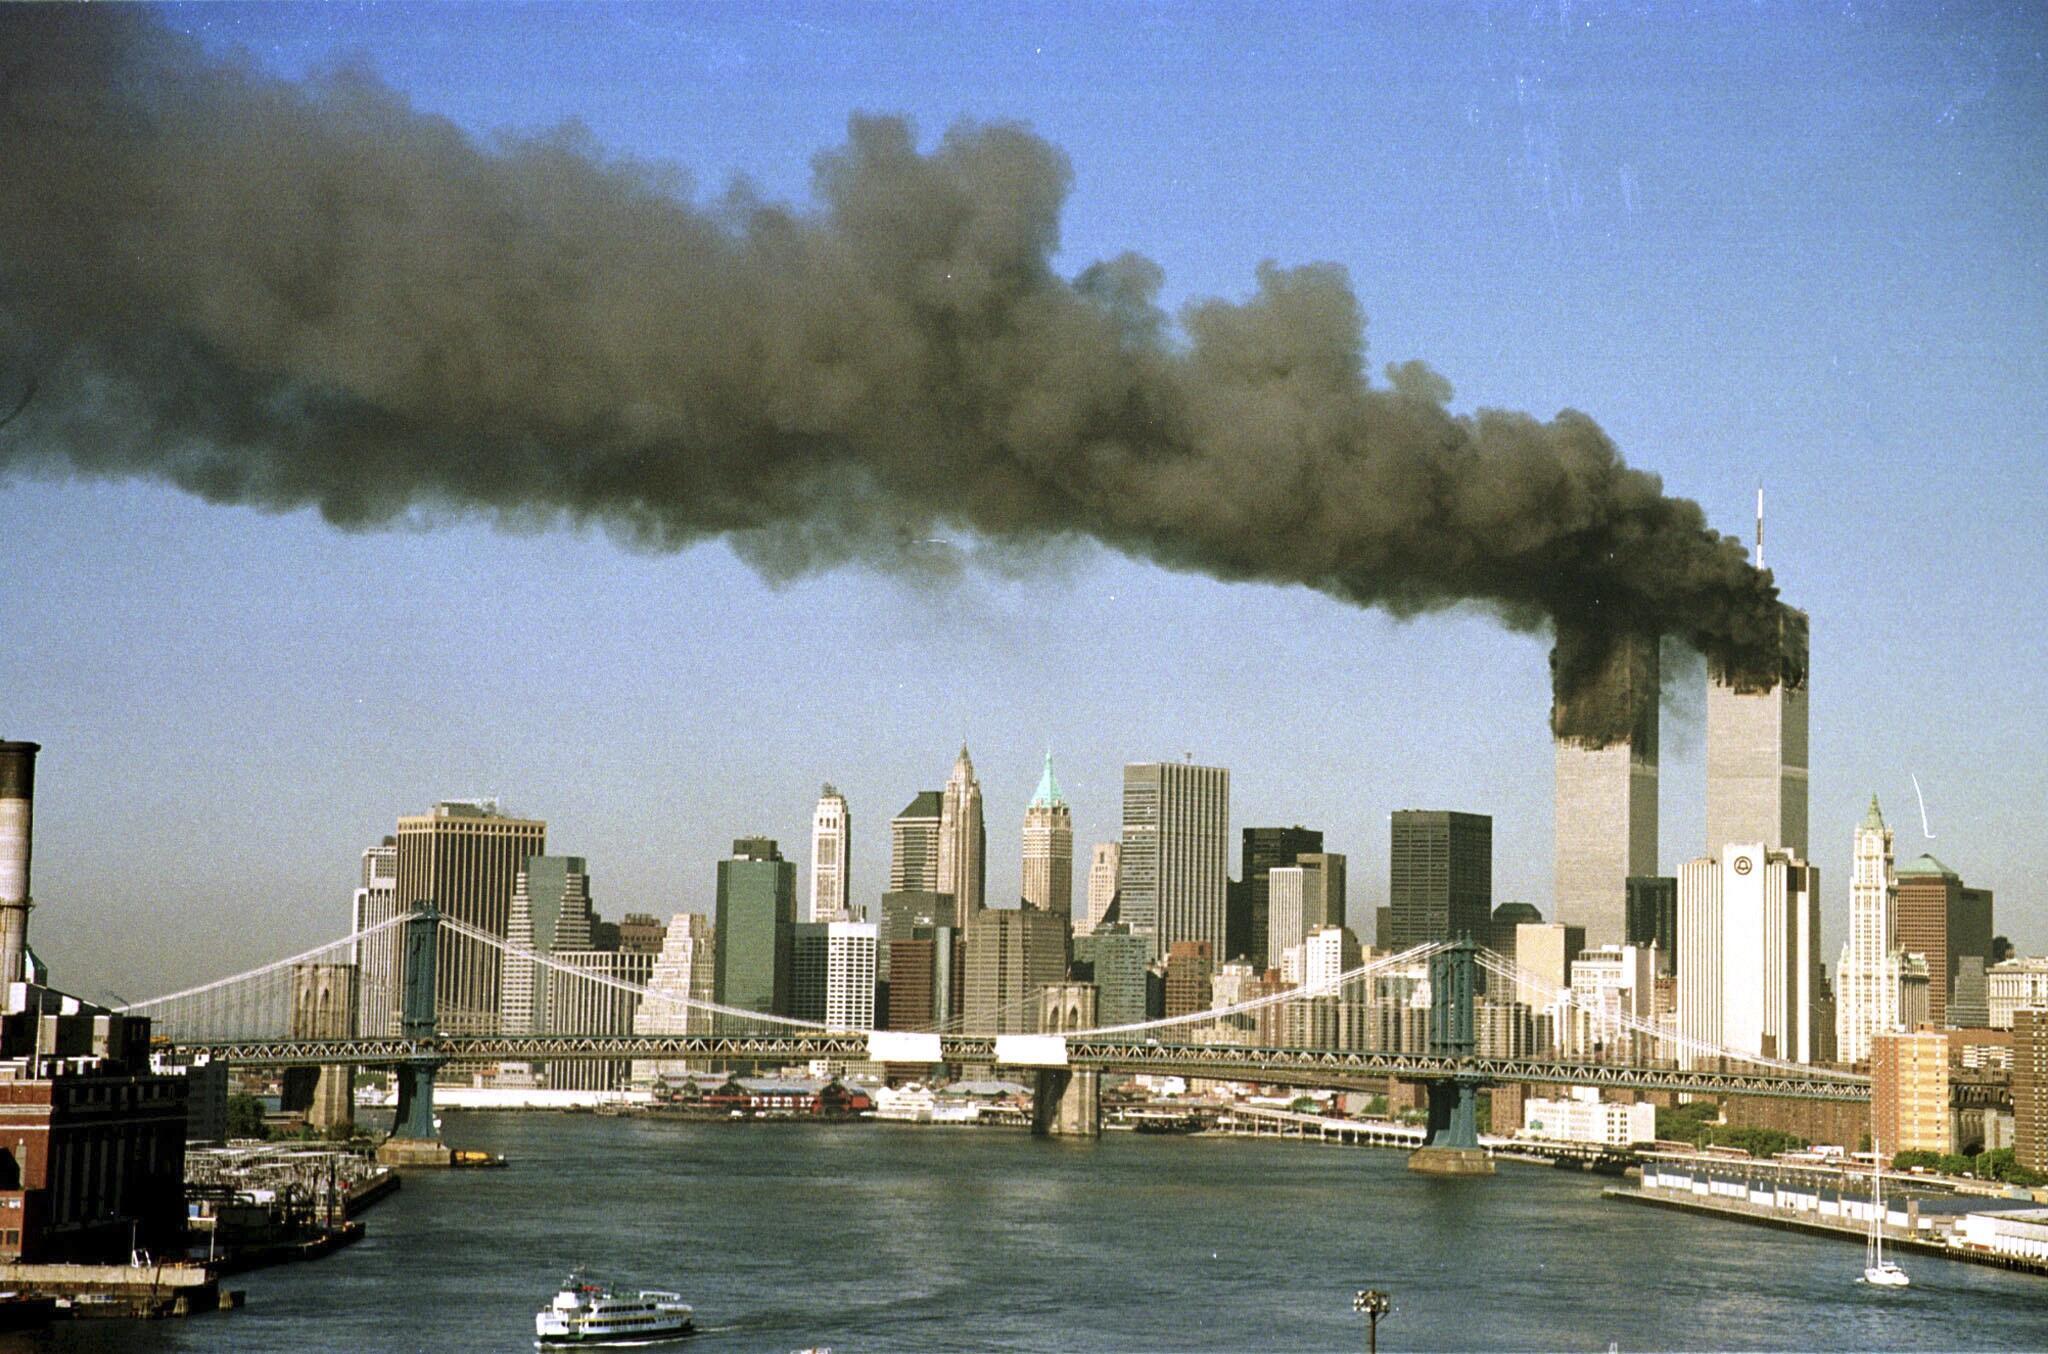 Les Twin Tower du World Trade Center, à New York, le 11 septembre 2001.